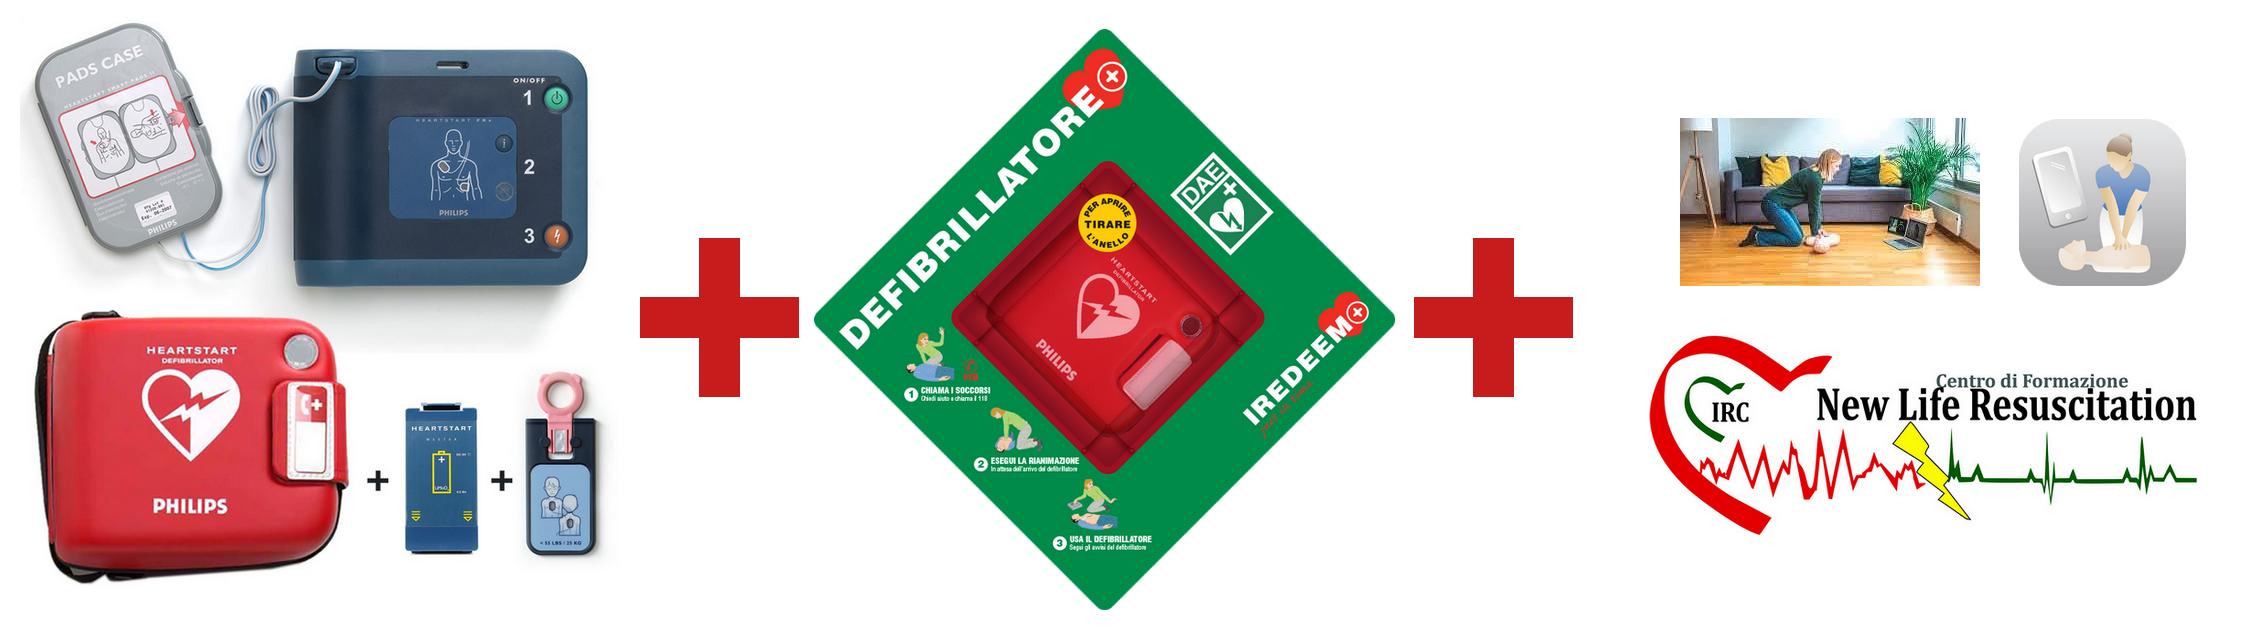 promozione emergenza defbrillatori alberghi